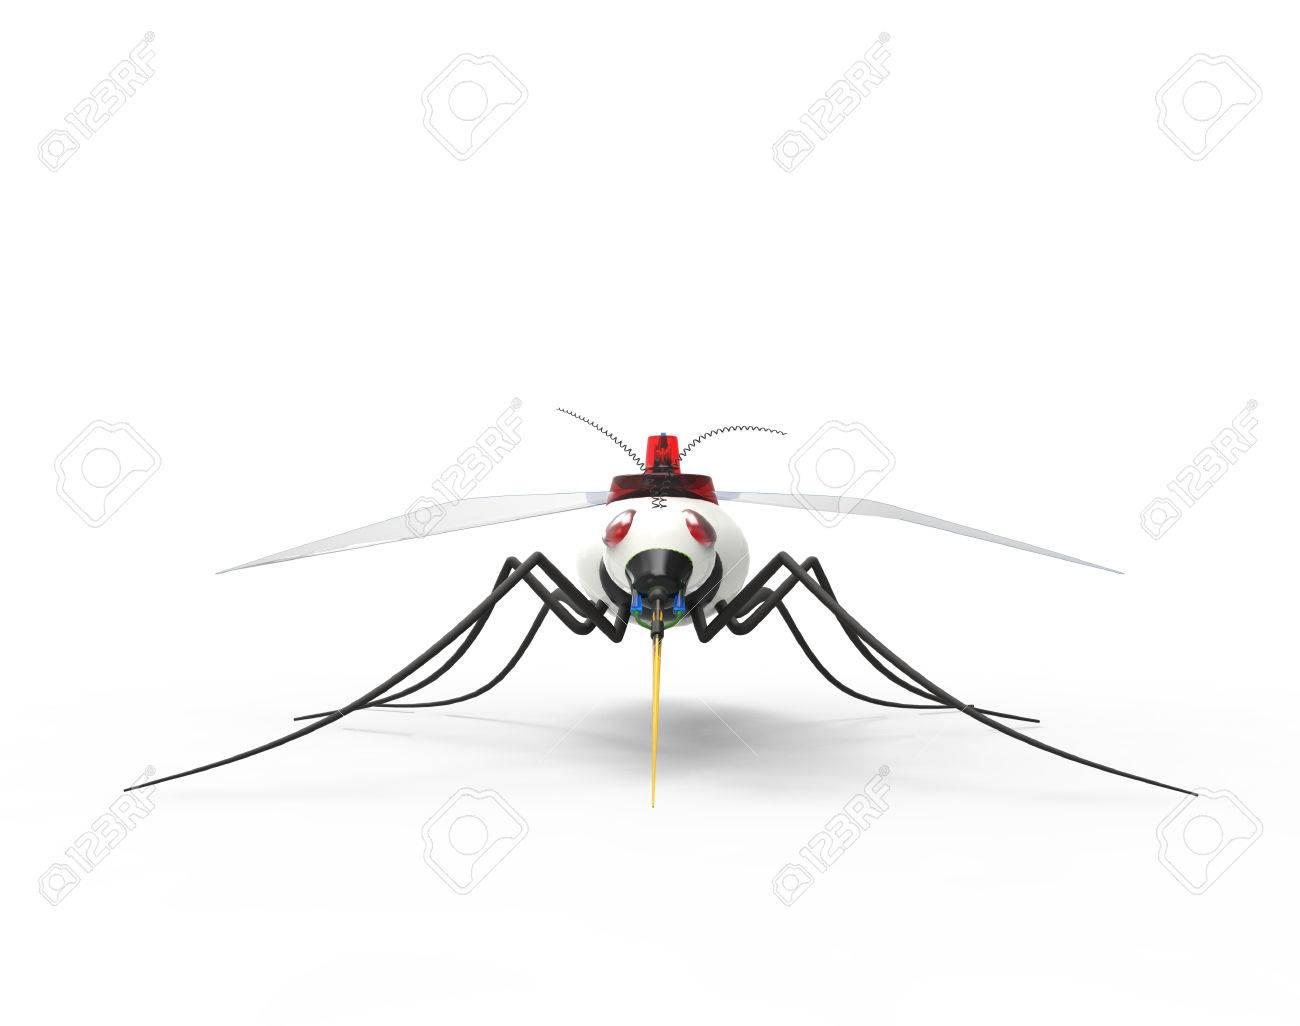 Futuristic Mosquito Nano Robots - 38517520